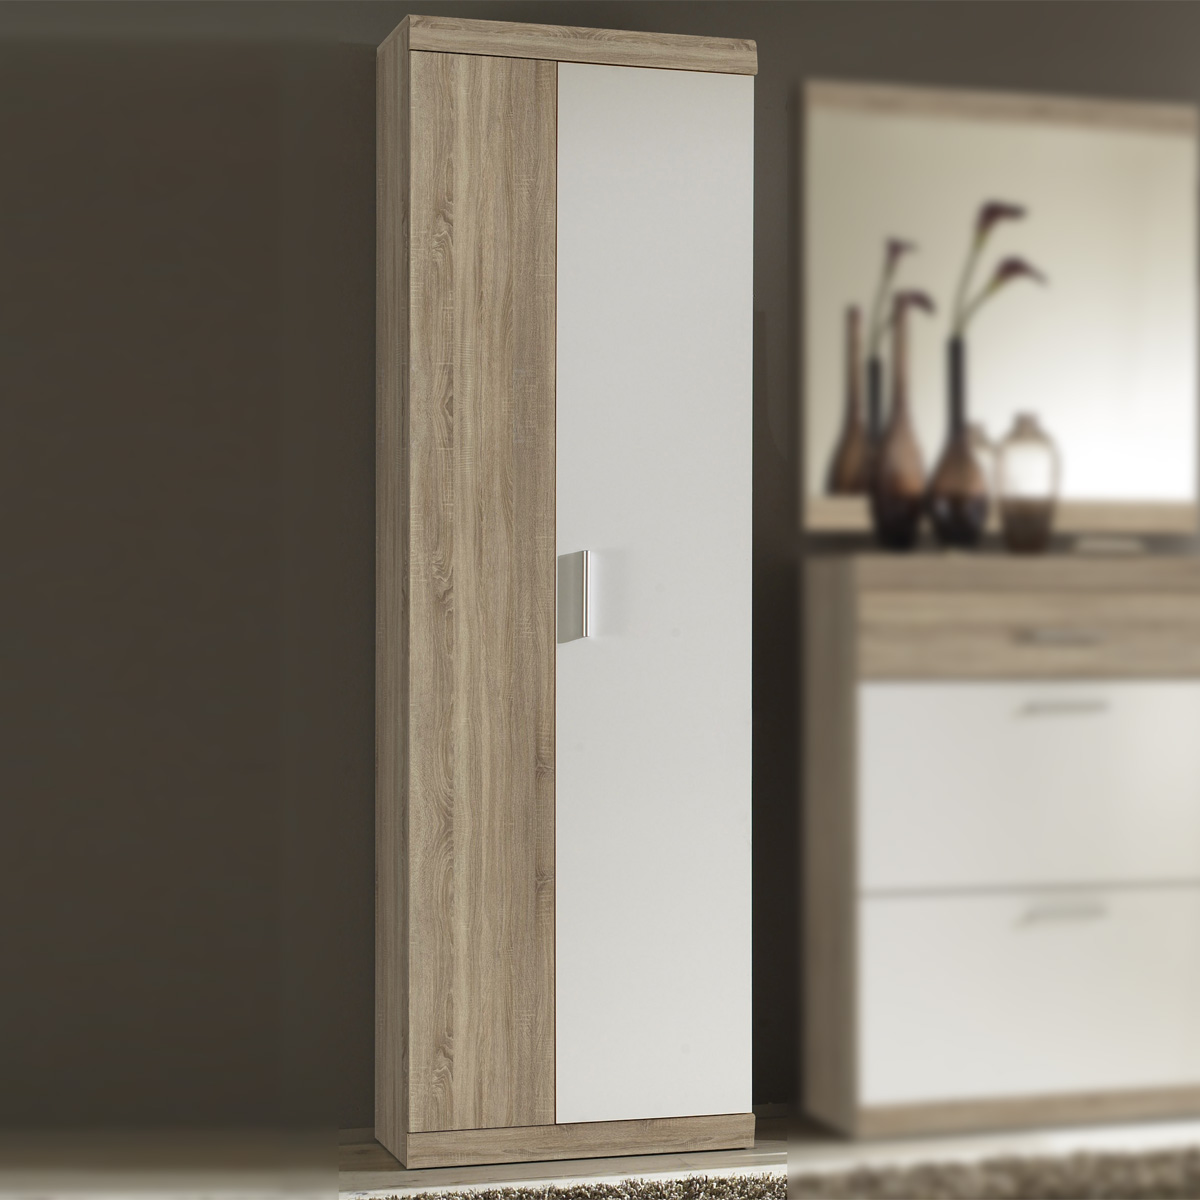 garderobenschrank imperial 2 flur schrank in eiche sonoma und wei 60 cm breit eur 99 95. Black Bedroom Furniture Sets. Home Design Ideas